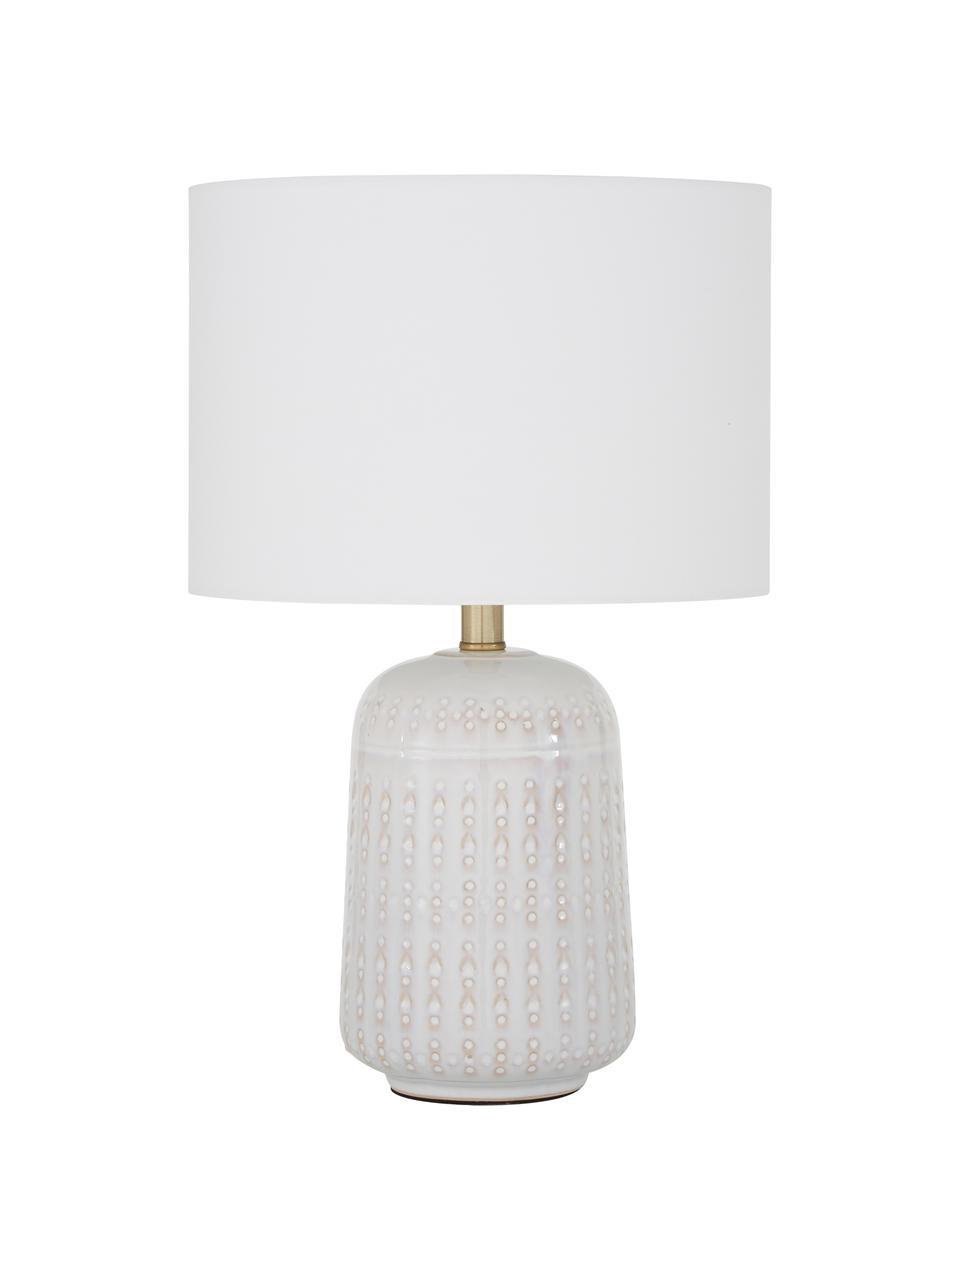 Lampe à poser en céramique blanche Iva, Abat-jour: blanc pied de lampe: blanc crème, laiton